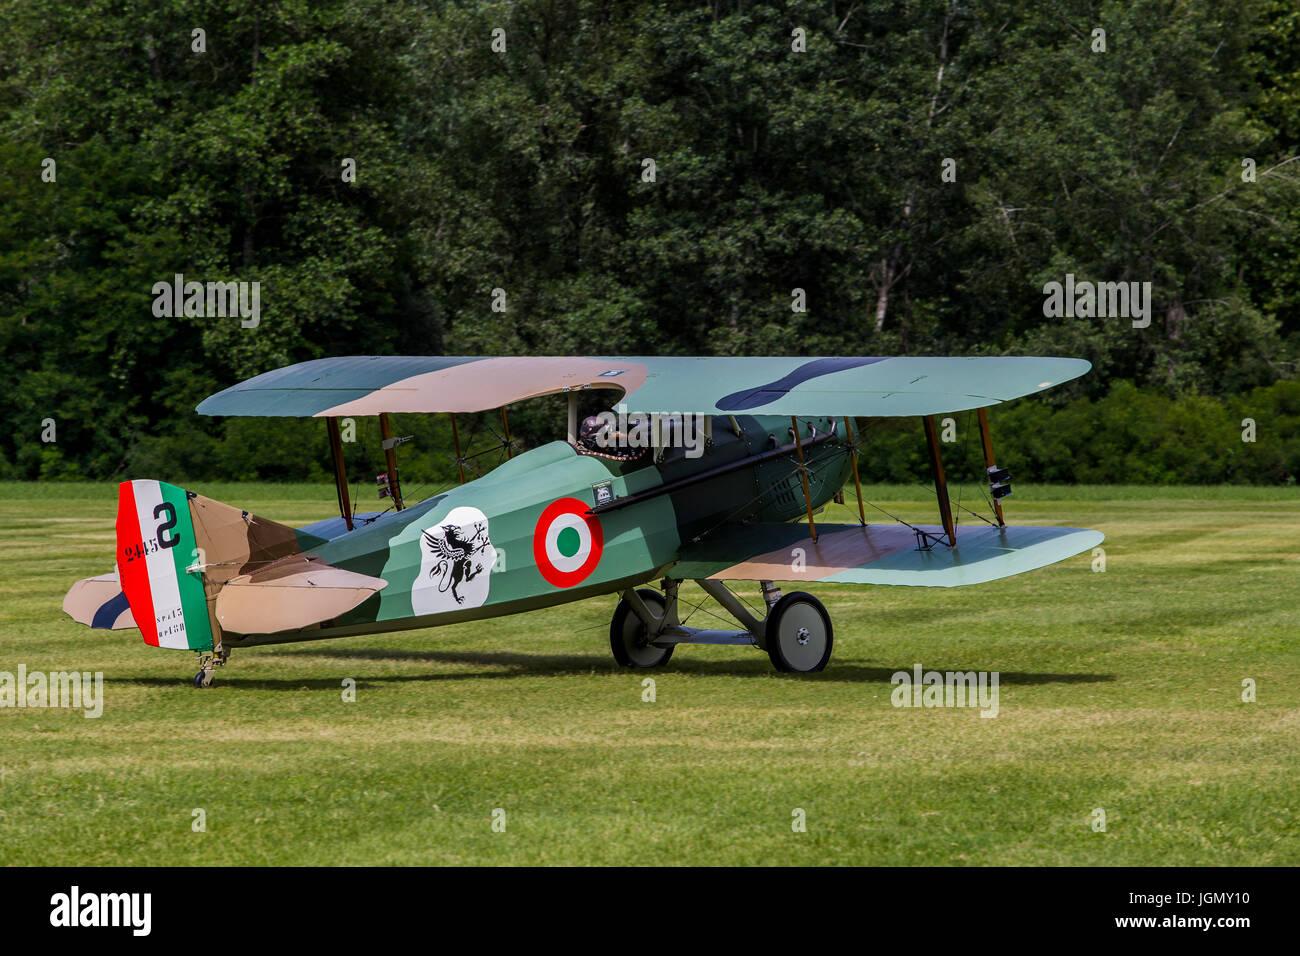 Spad XIII biplan S réplique à partir de la première guerre mondiale sur une prairie. Banque D'Images